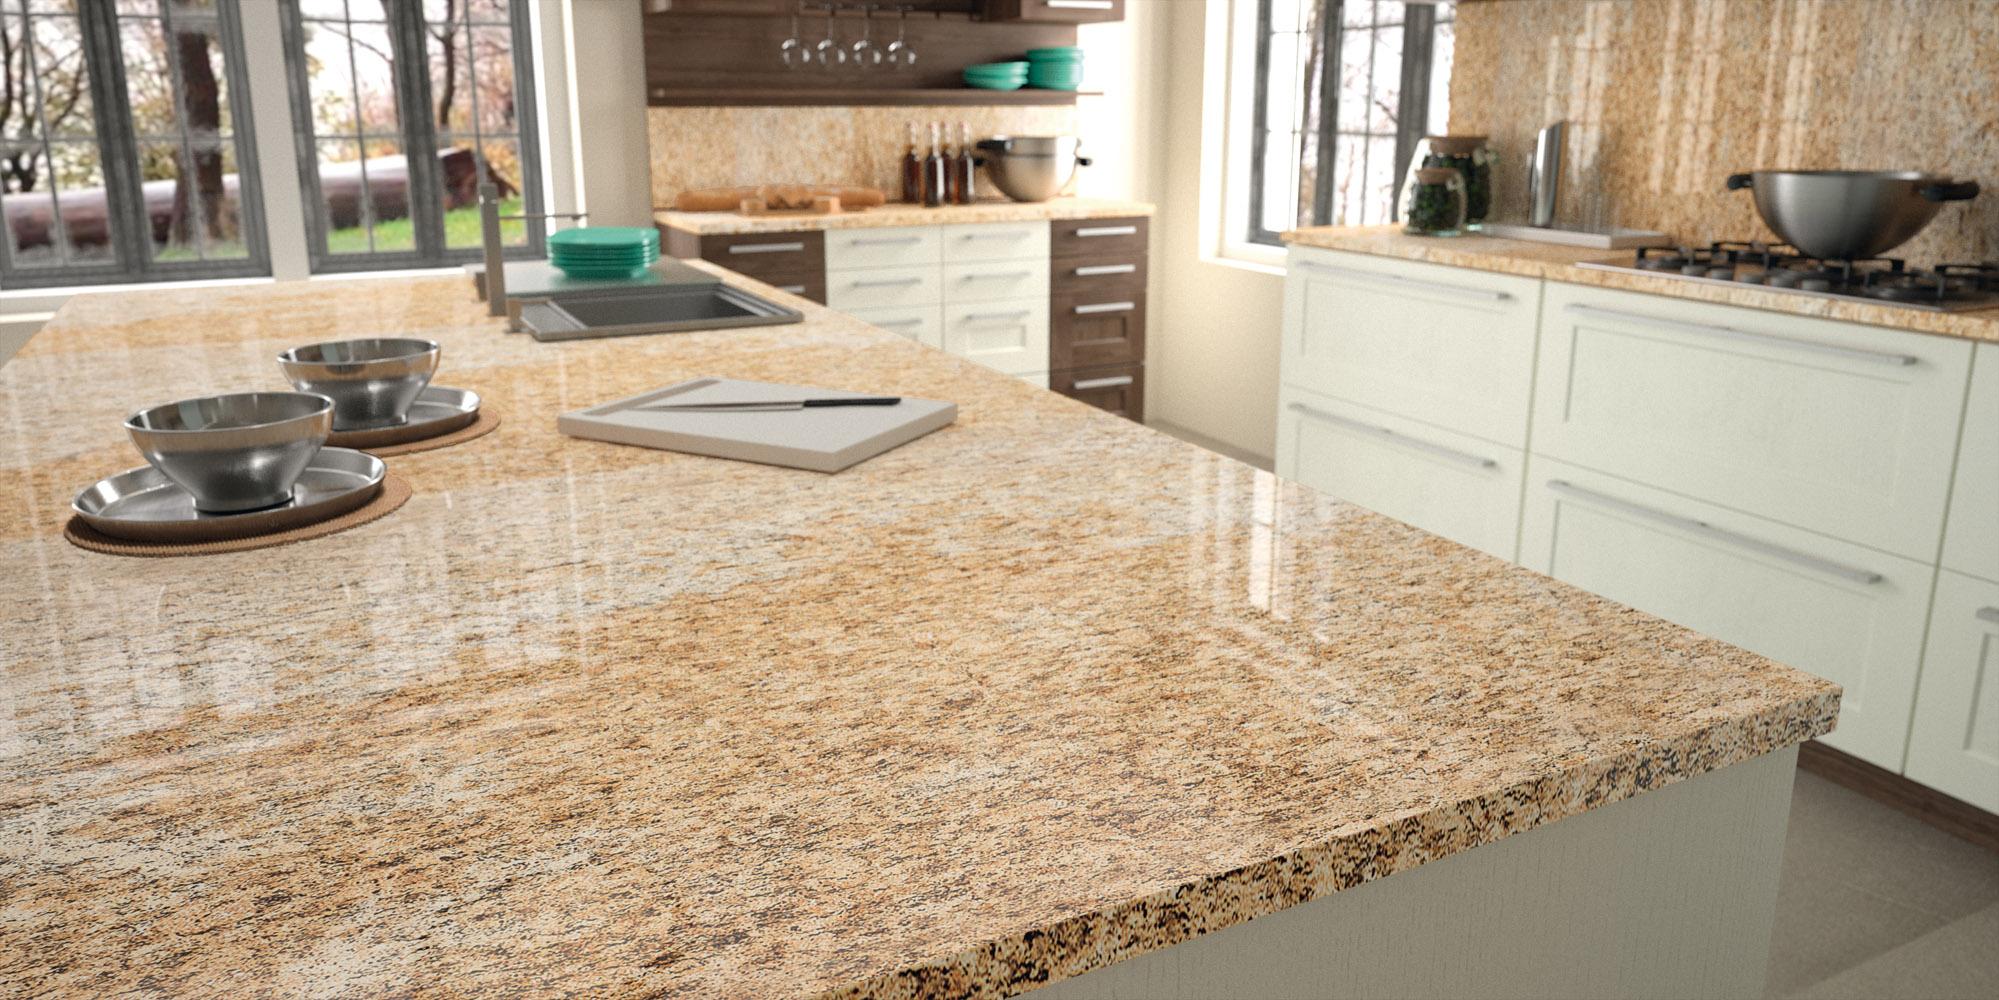 Sensa Granite Orinoco White Kitchen Cabinets